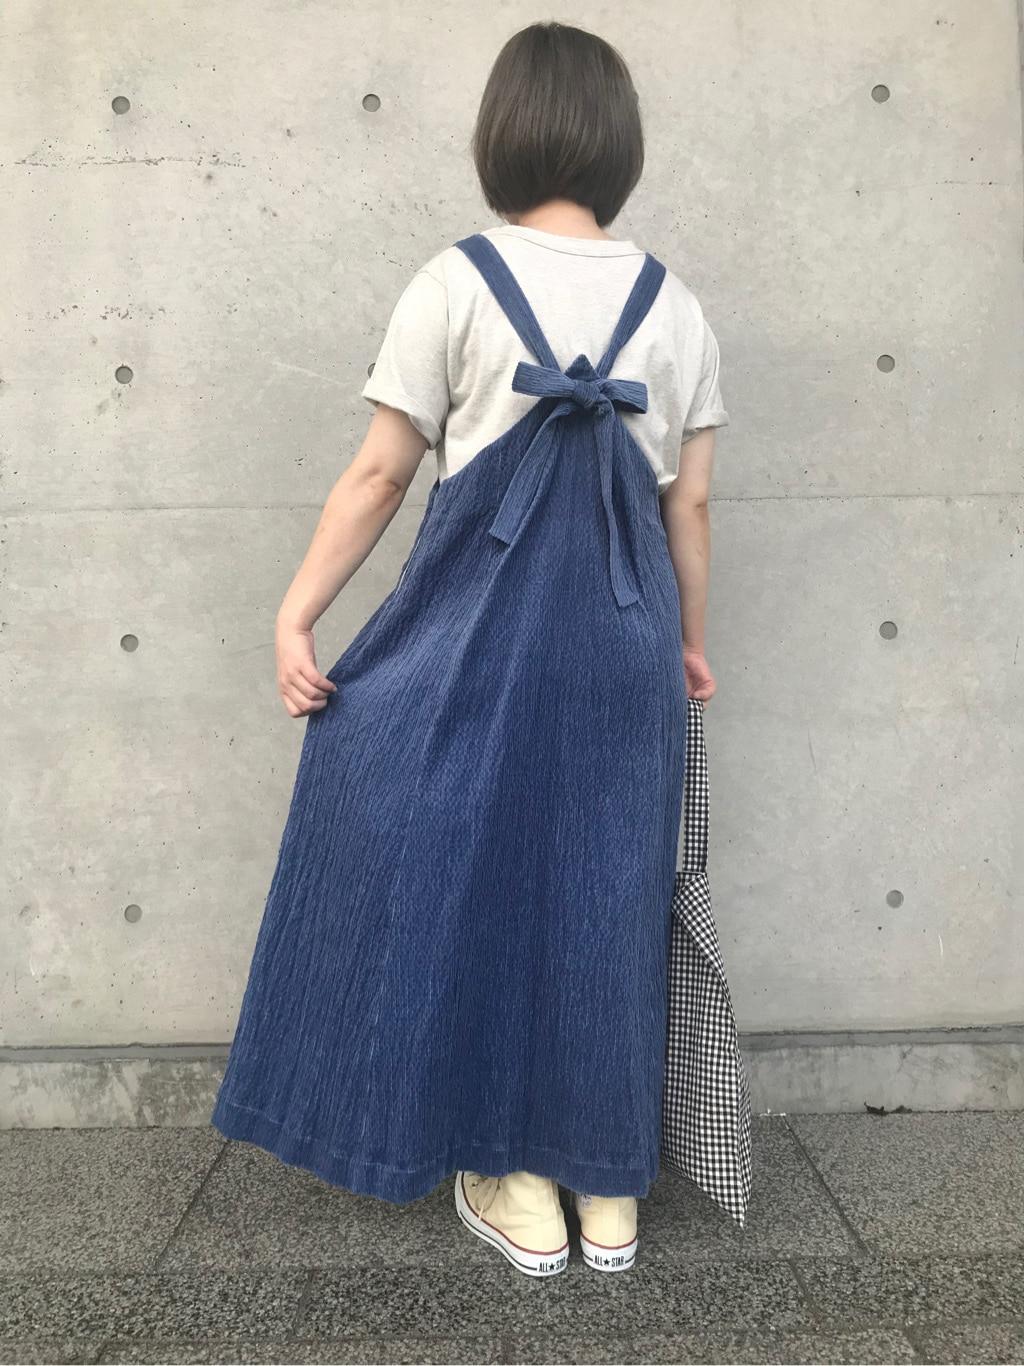 l'atelier du savon 東京スカイツリータウン・ソラマチ 身長:154cm 2020.09.13